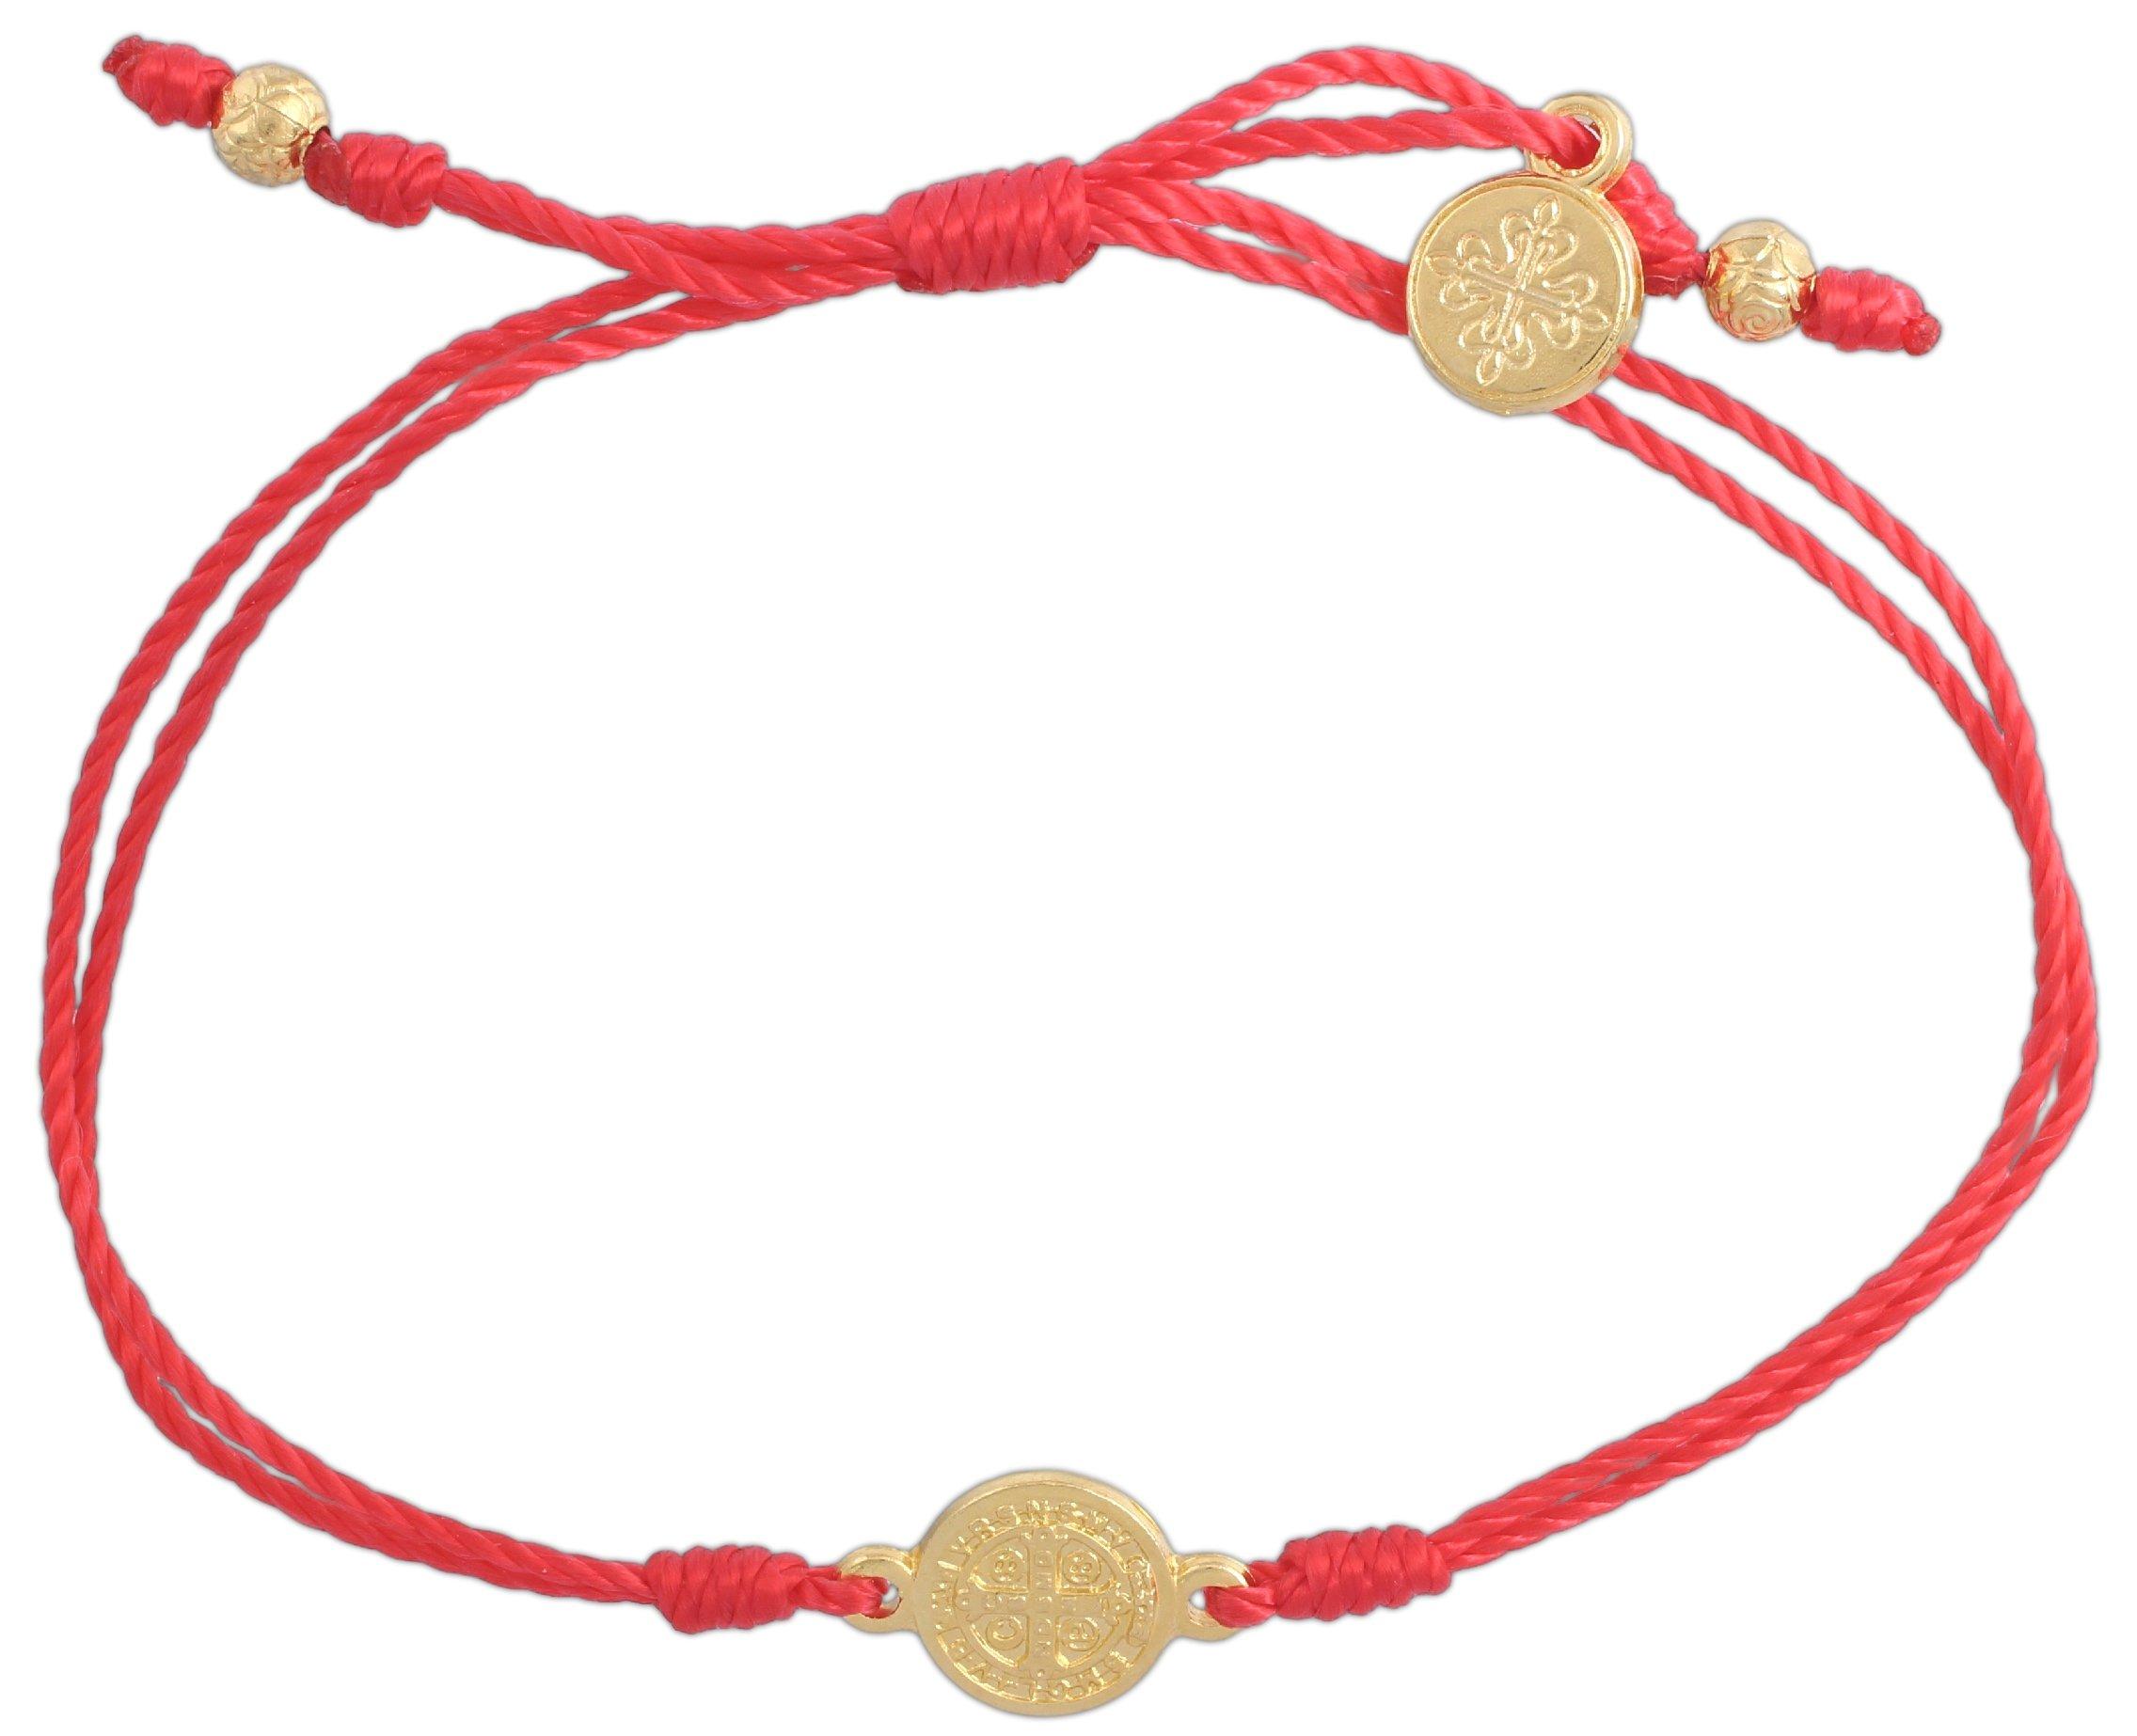 Inspirational Breathe Bracelet, Adjustable (Gold Plated Medal on Red)